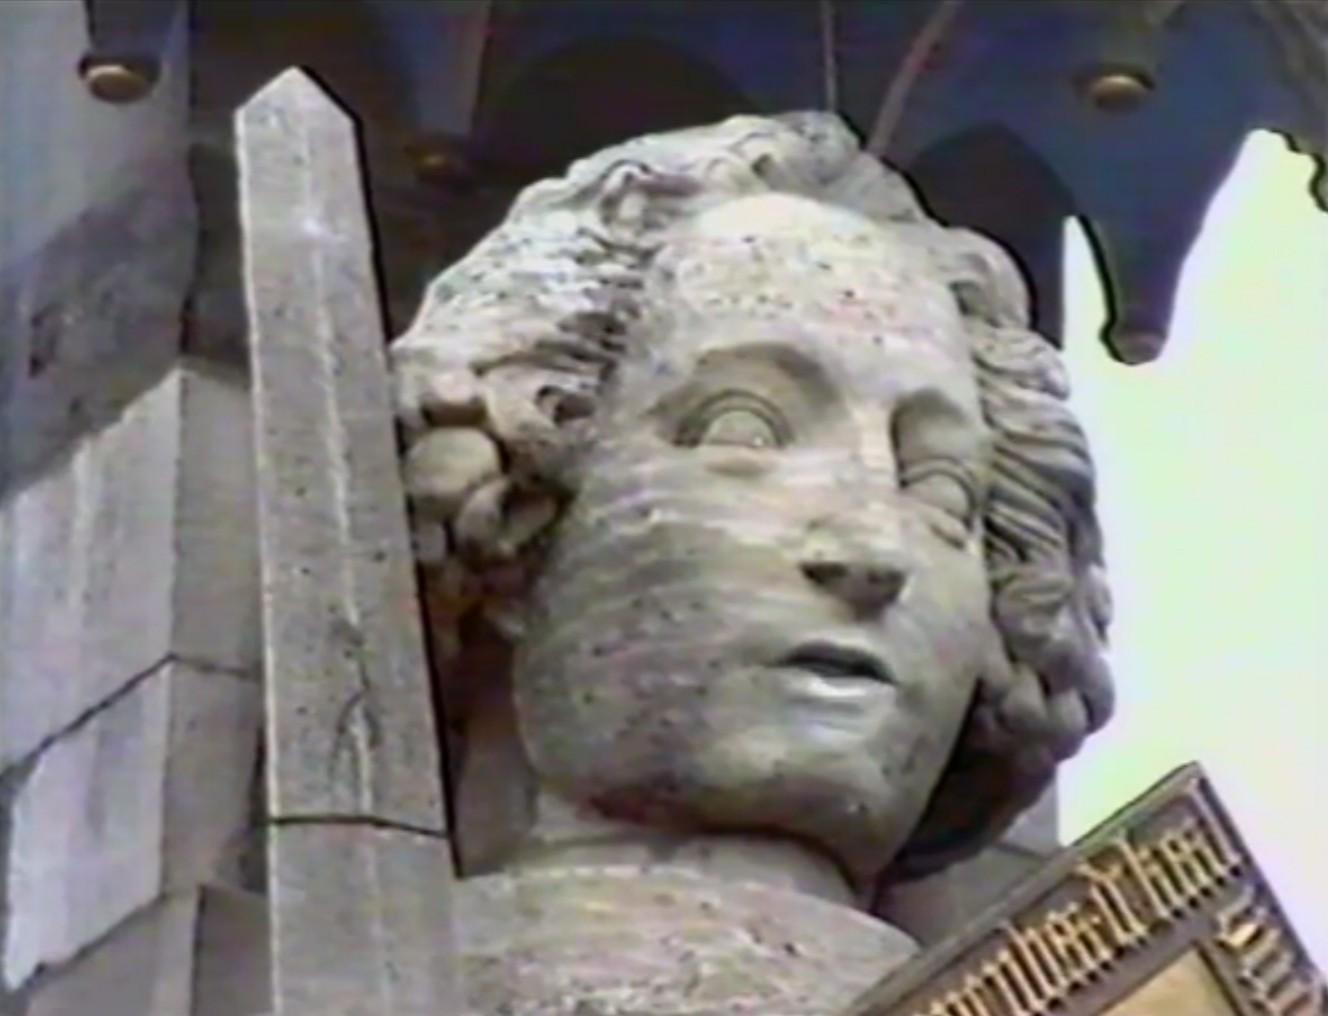 Nicht auf den Mund gefallen: der sprechende Roland im Rothwell-Film. Quelle: John Rothwell, Roland oder Moritz